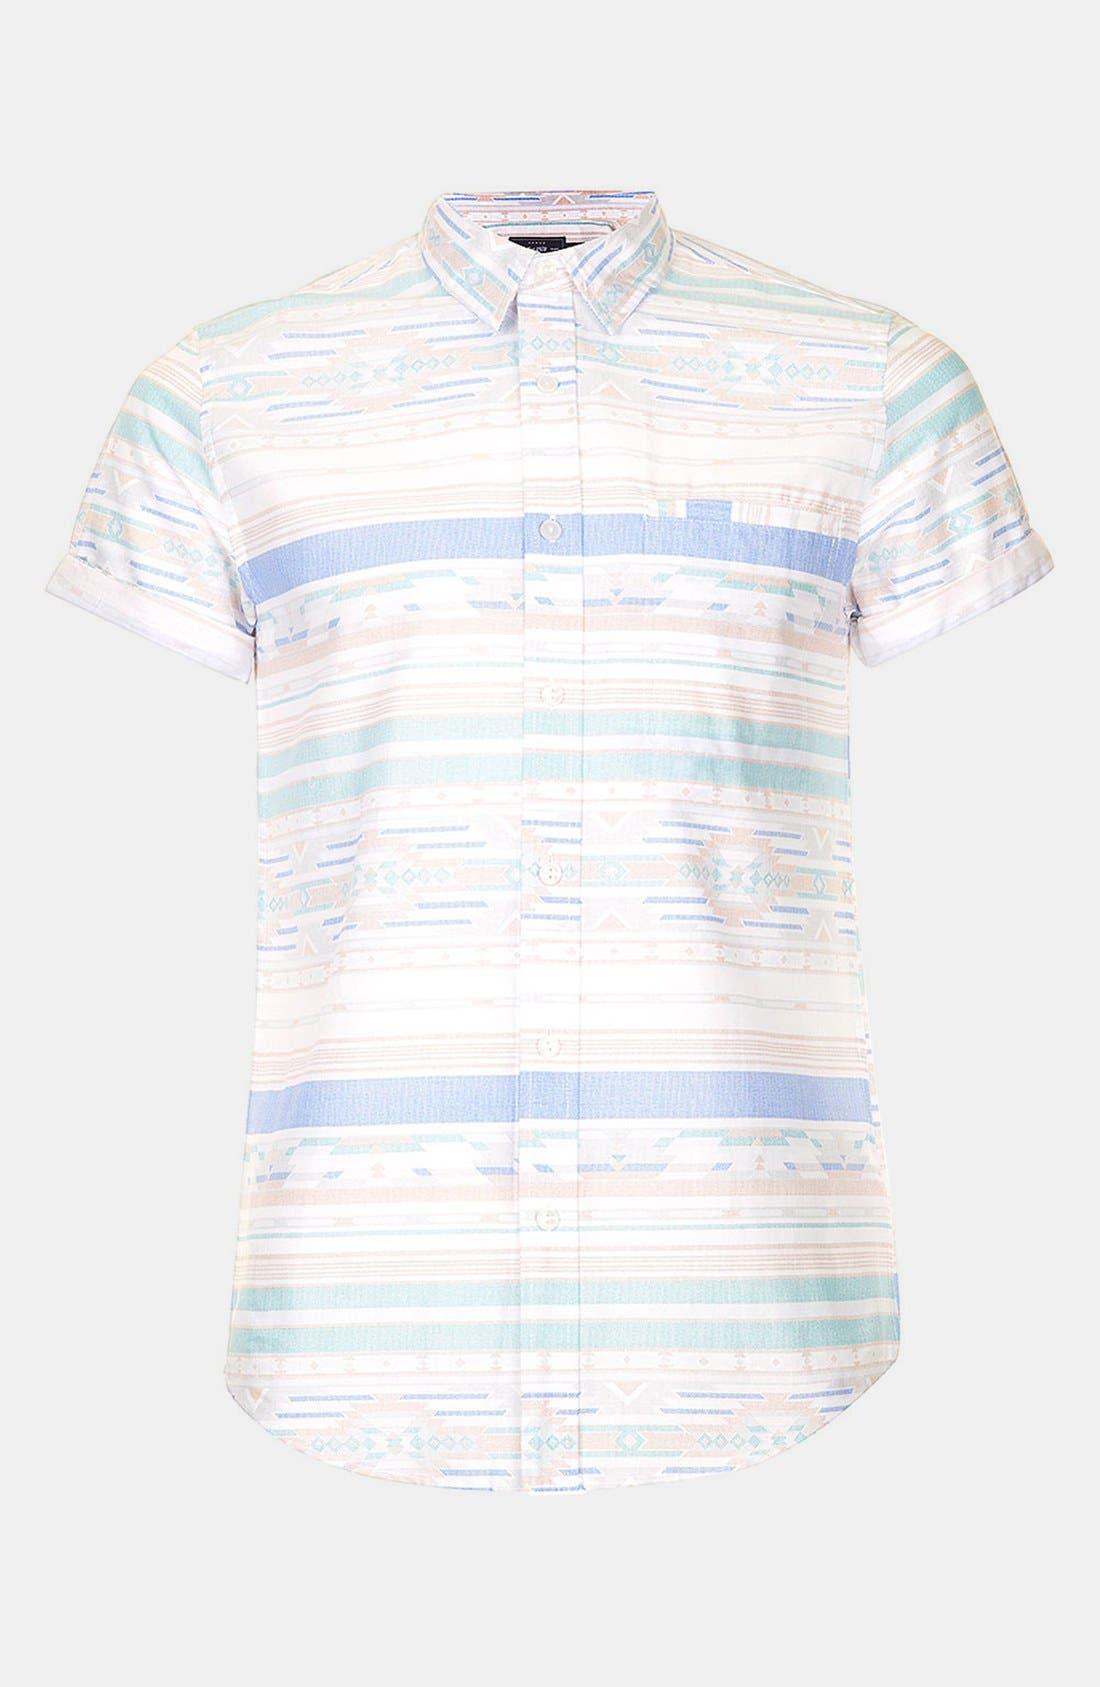 Alternate Image 1 Selected - Topman Aztec Print Shirt